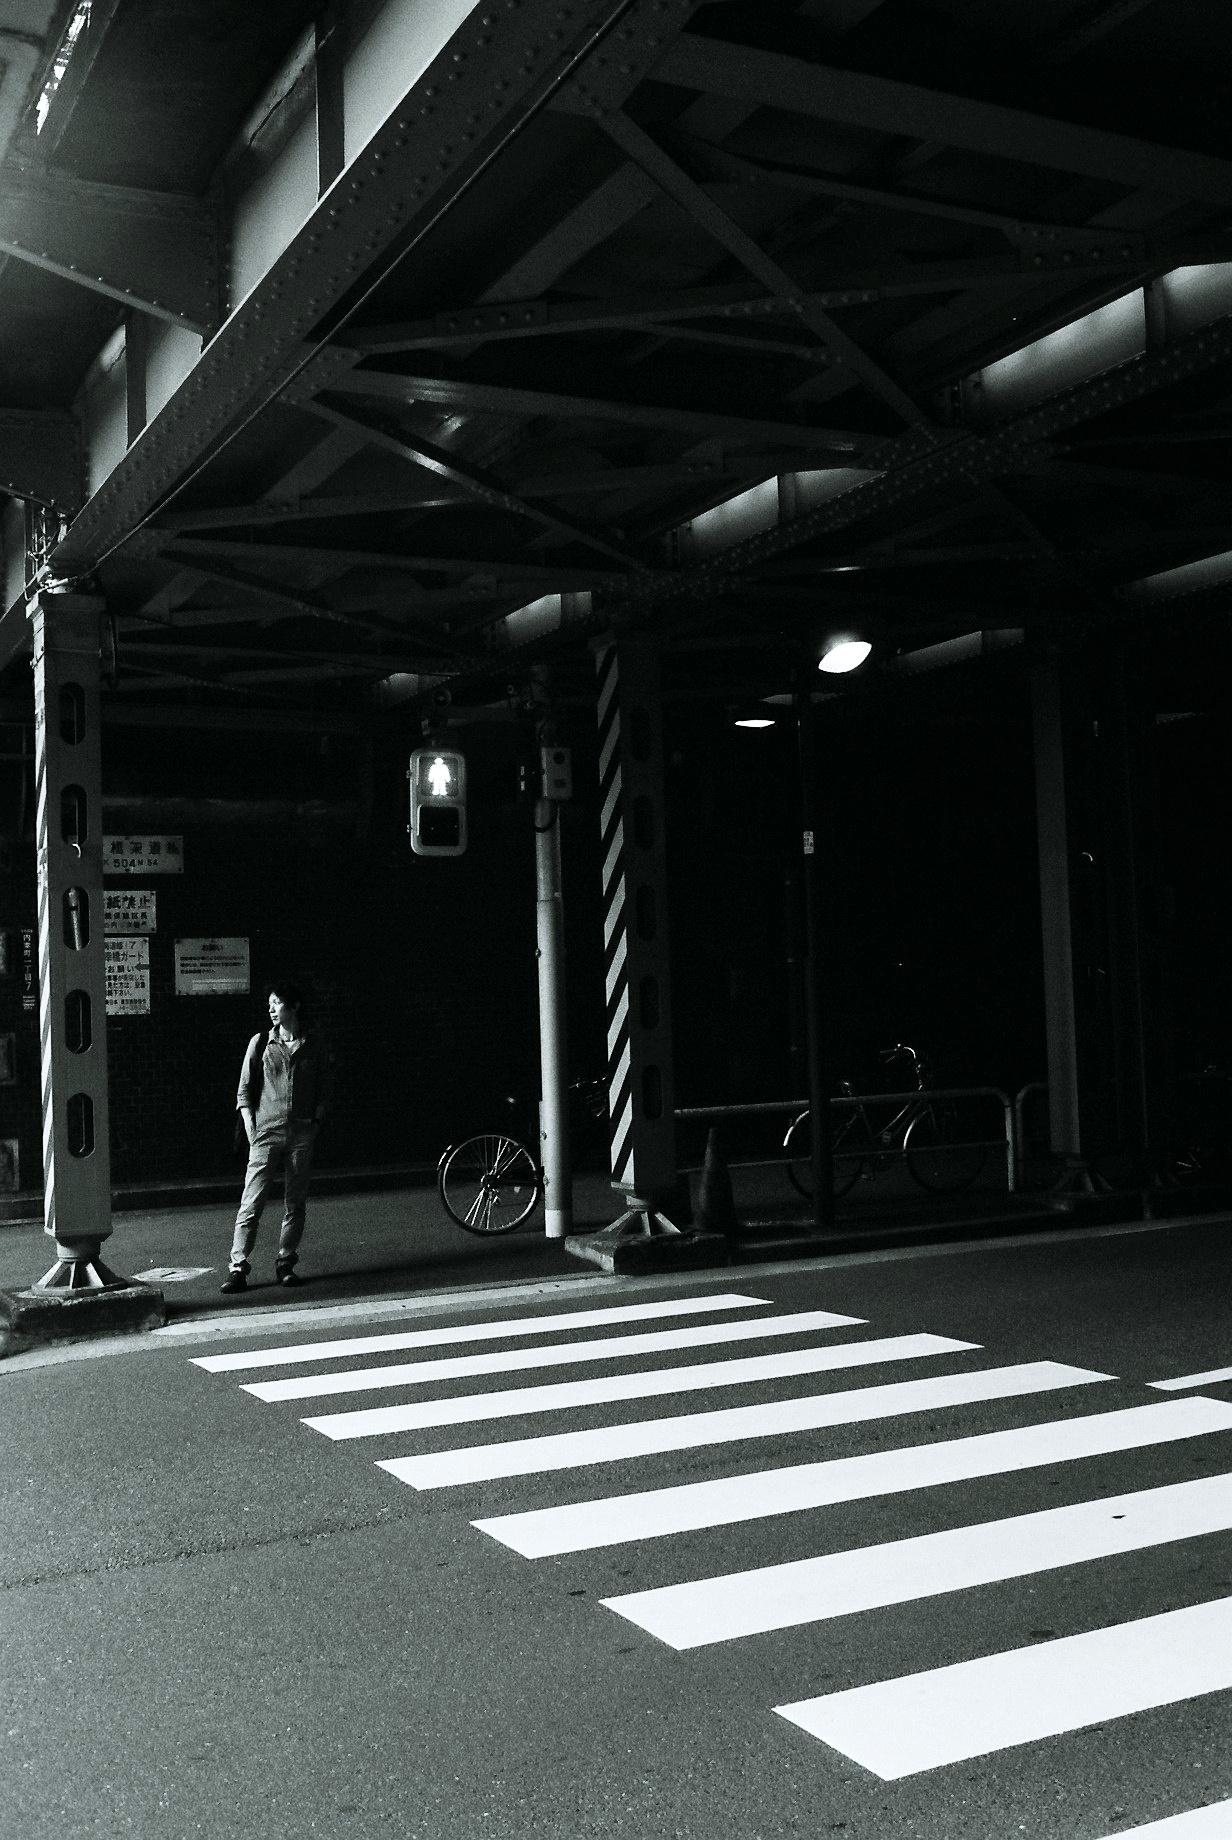 Shimbashi Intersection, Tokyo. July, 2016.